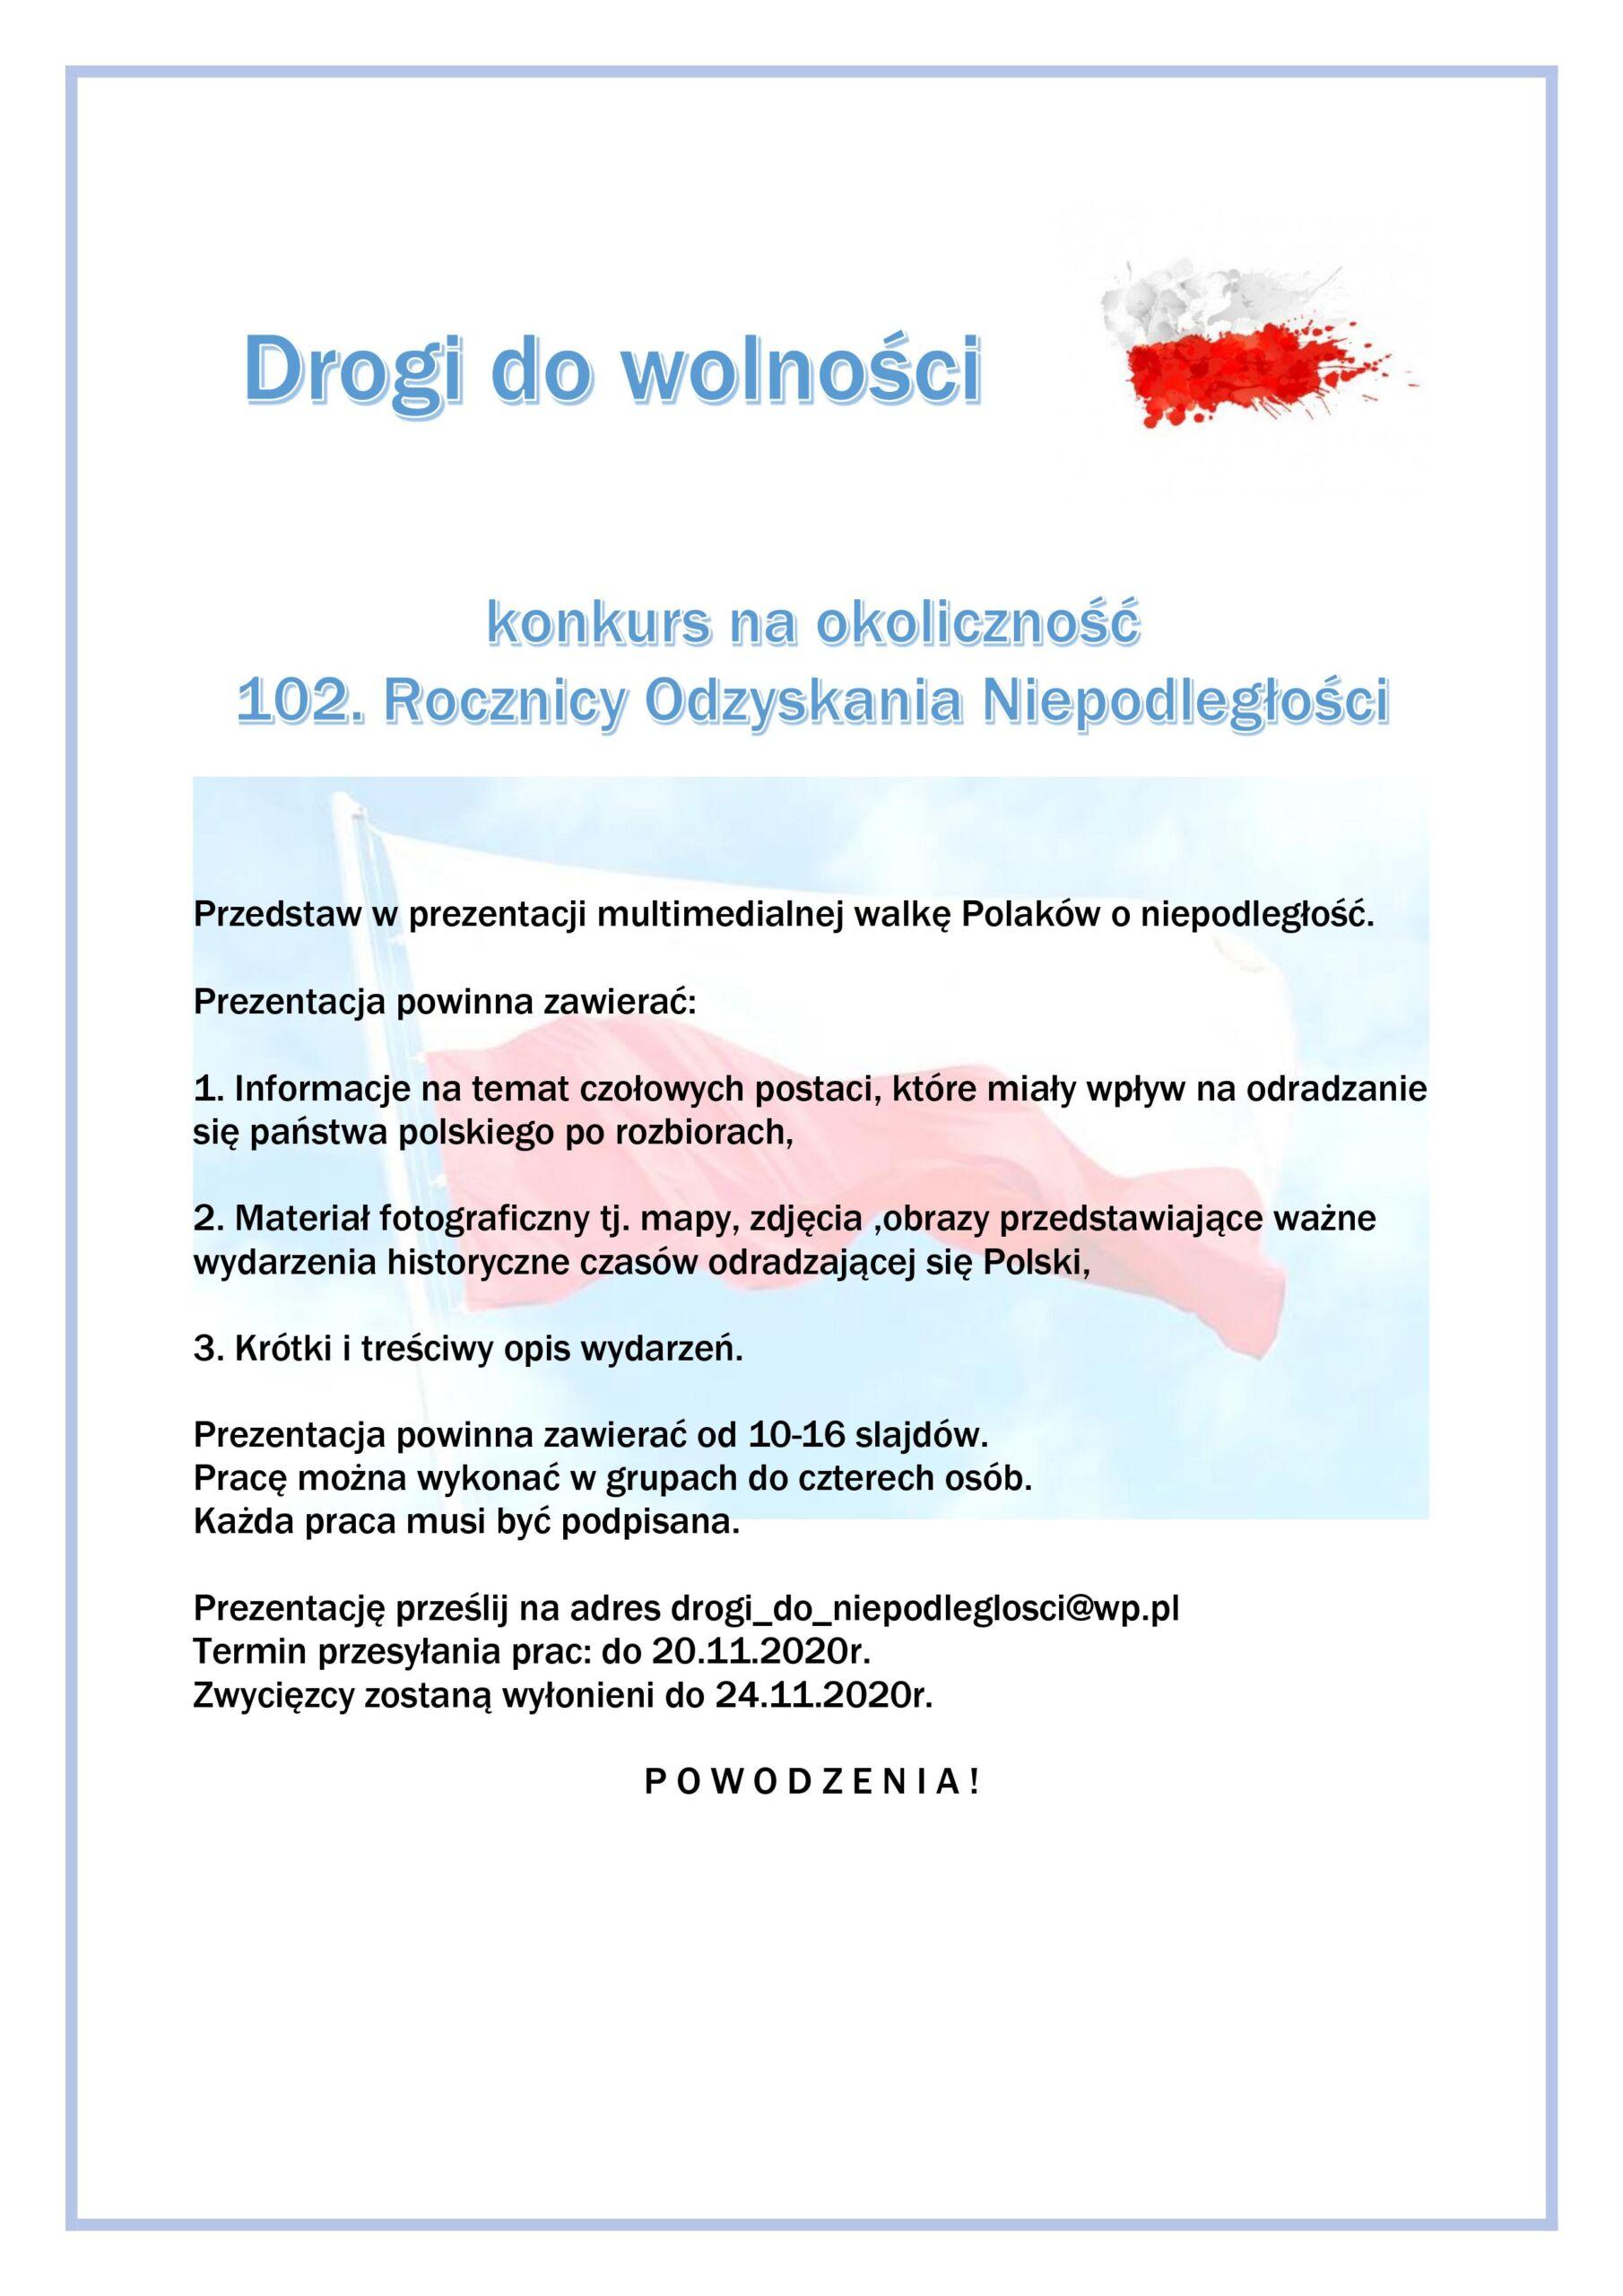 Drogi do wolności - plakat Jasło